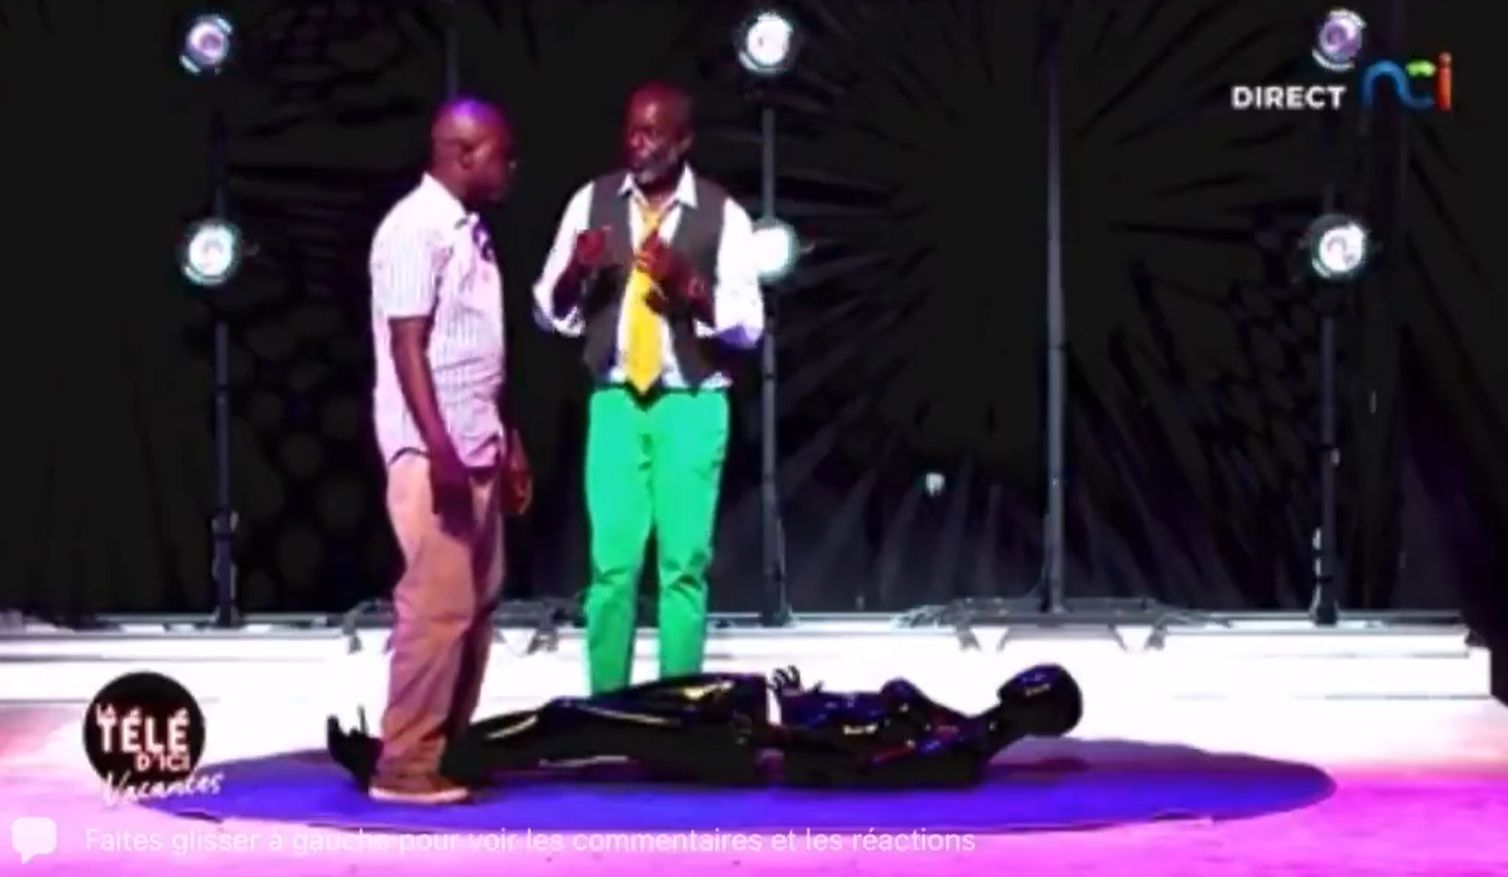 Nemi erőszakon viccelődött, felfüggesztett börtönt kapott az elefántcsontparti sztárműsorvezető